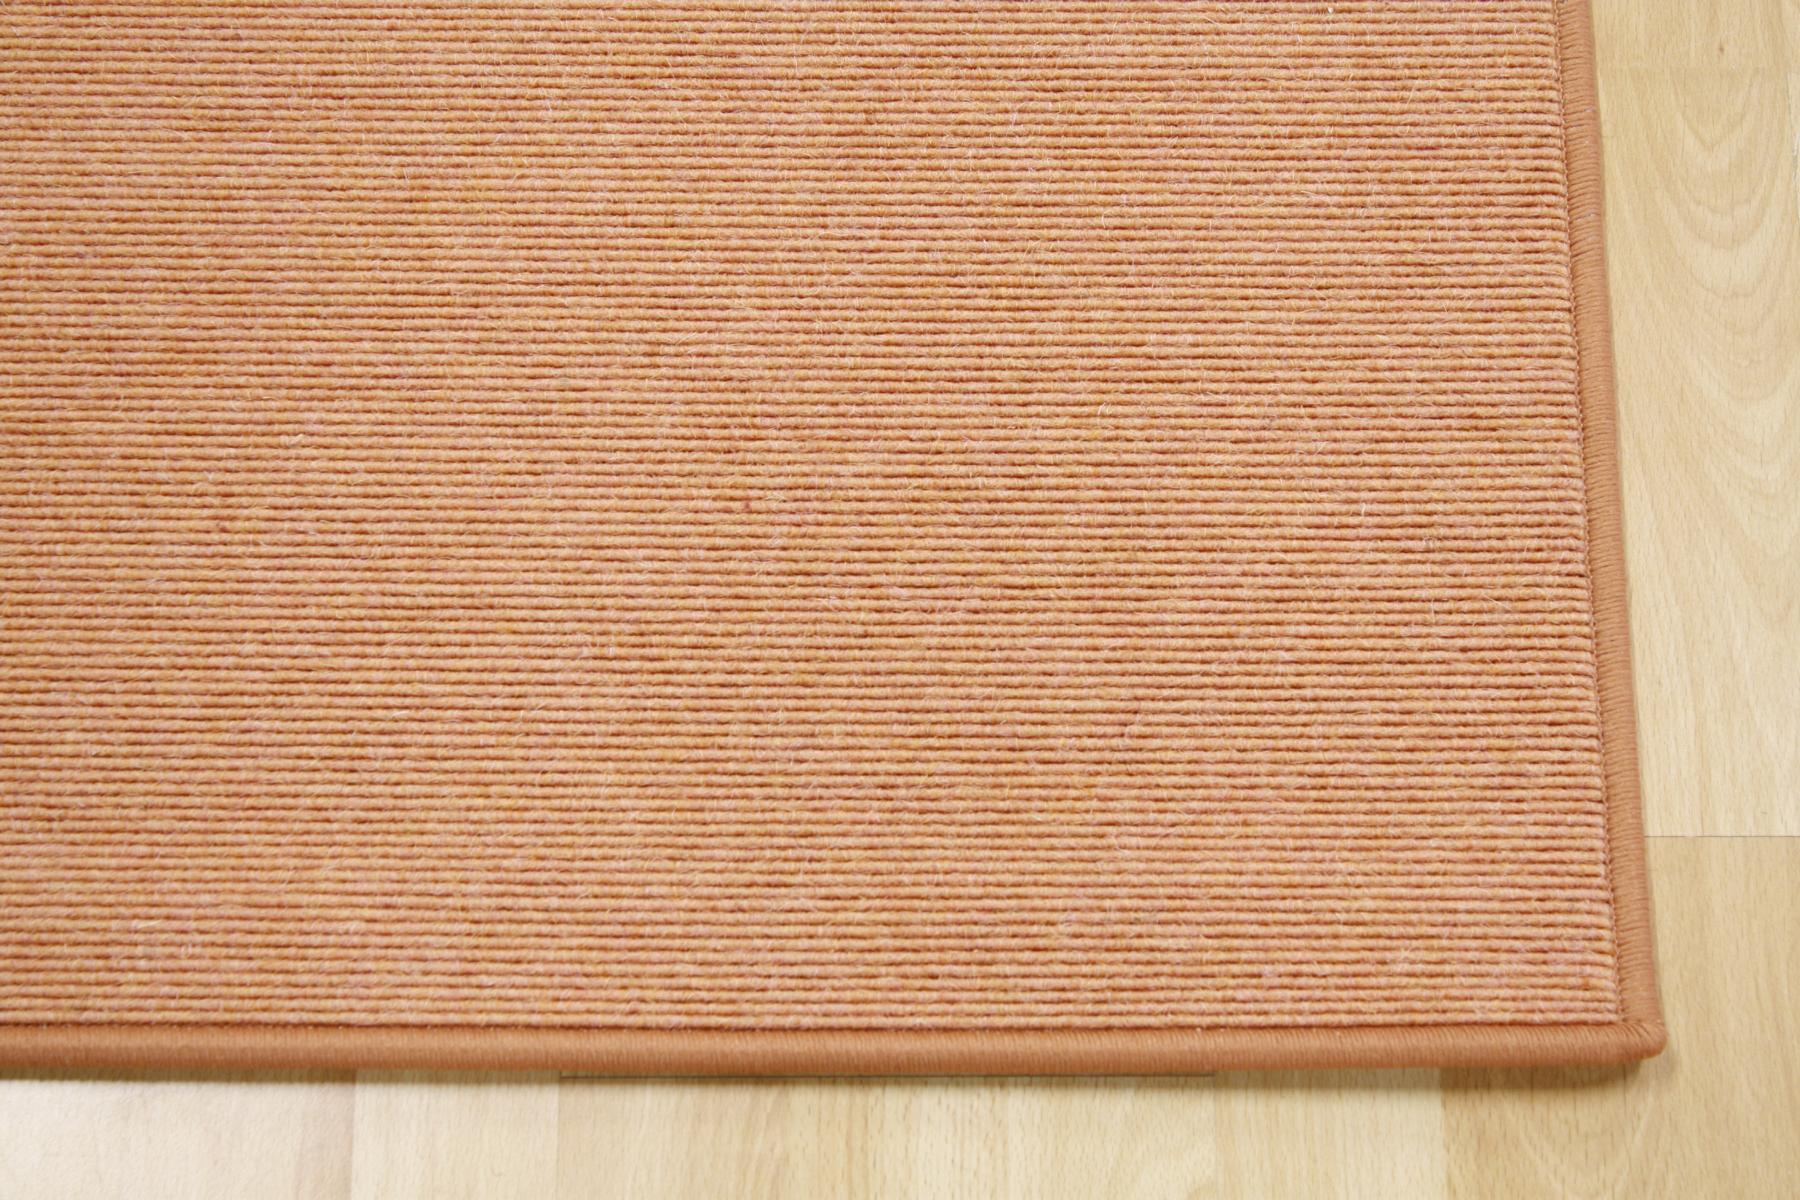 teppich tretford 591 umkettelt 150 x 200 cm ziegenhaar interland ebay. Black Bedroom Furniture Sets. Home Design Ideas